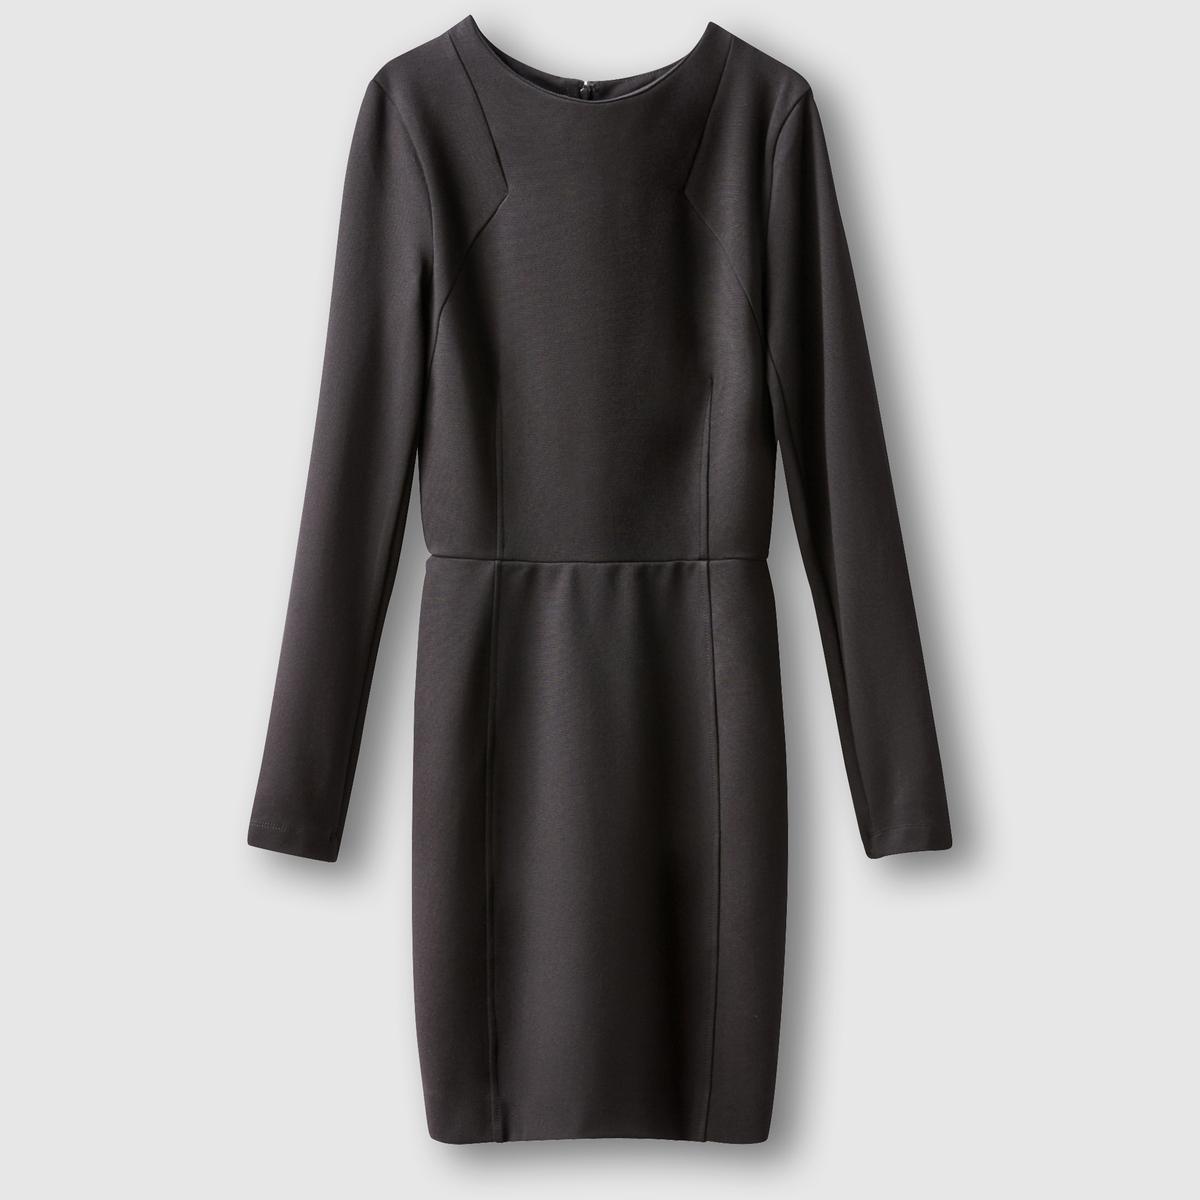 Платье с длинными рукавамиСостав и описание: Материал: 100% вискозы.Марка: French Connection.Застежка: на молнию сзади.<br><br>Цвет: кремовый,черный<br>Размер: 40 (FR) - 46 (RUS).42 (FR) - 48 (RUS)